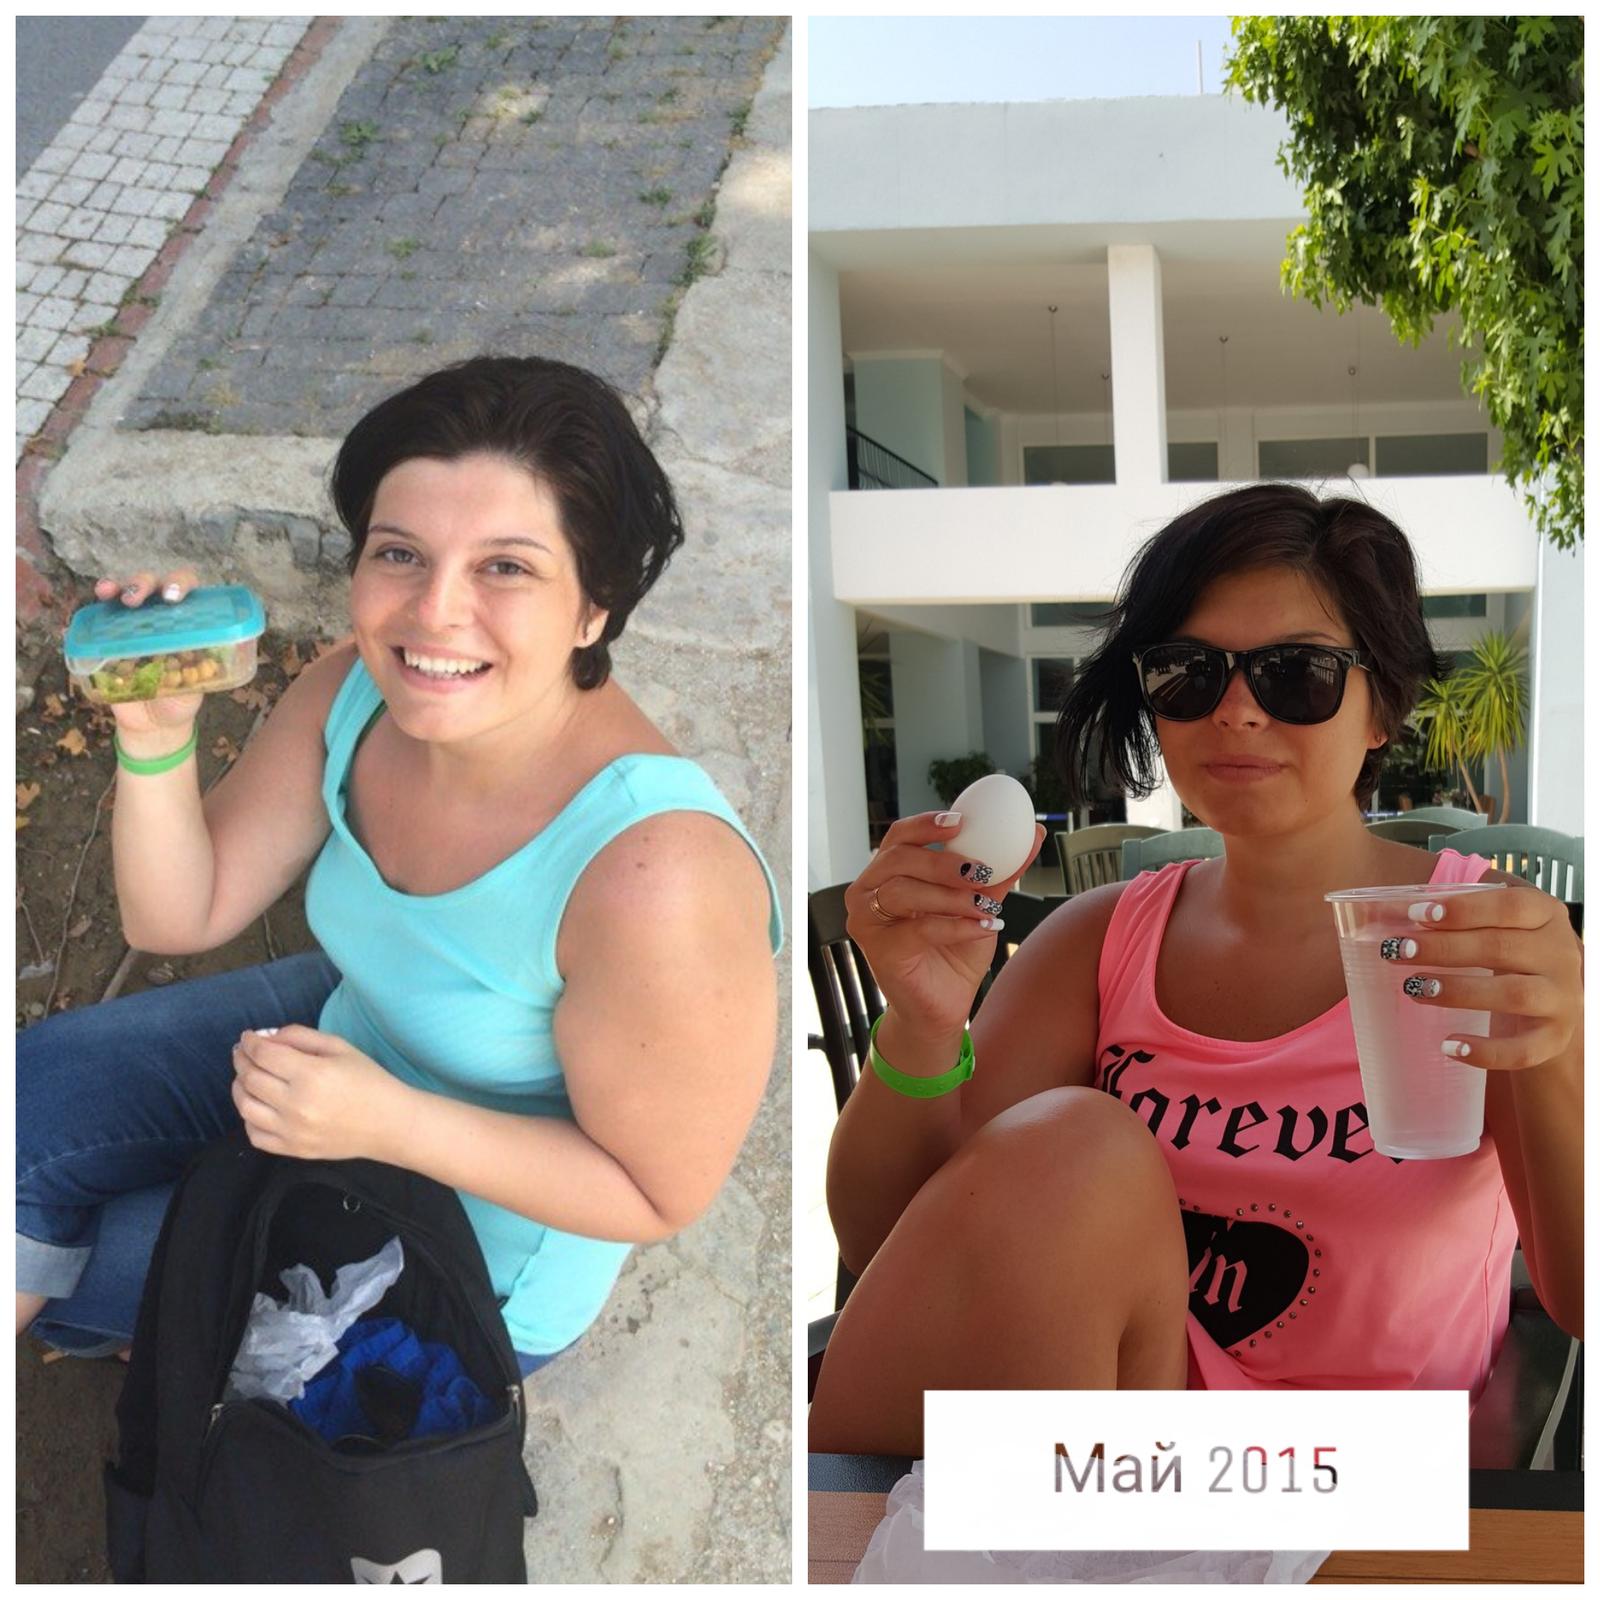 Правильное питание, похудение, диета и спорт!   вконтакте.